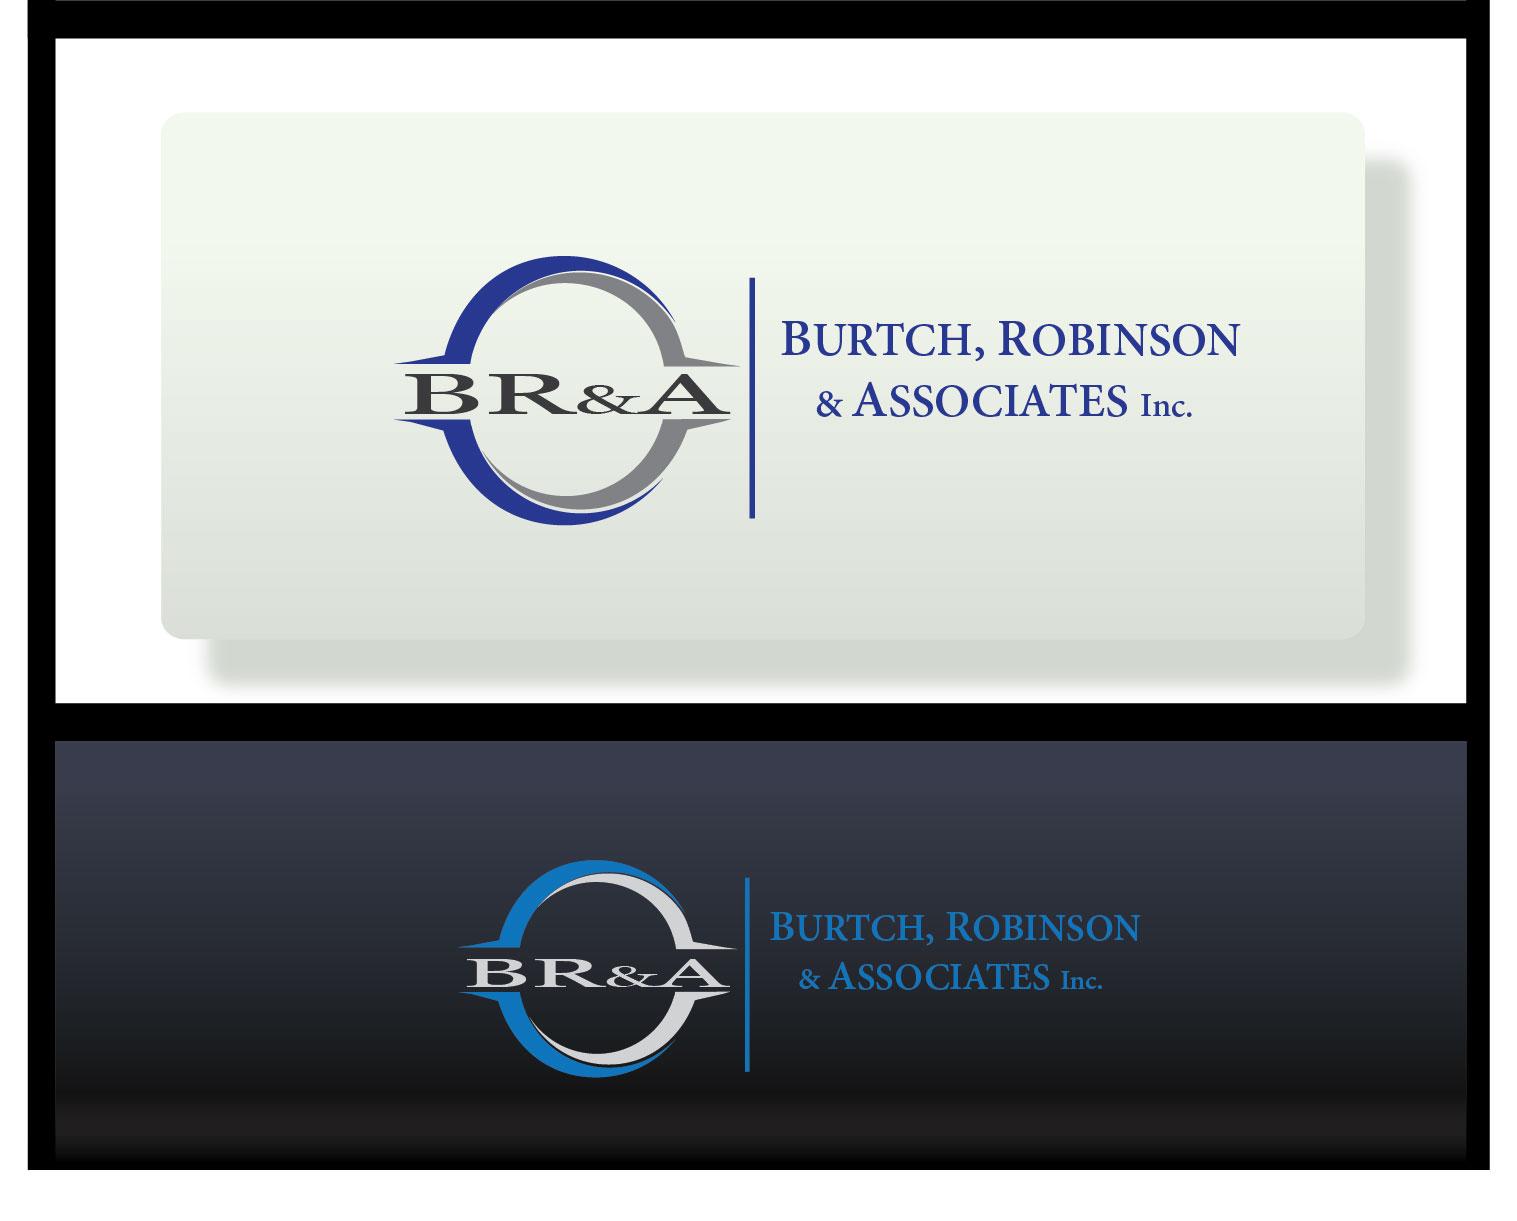 Logo Design by Иван Иванов - Entry No. 33 in the Logo Design Contest Unique Logo Design Wanted for Burtch, Robinson & Associates Inc..